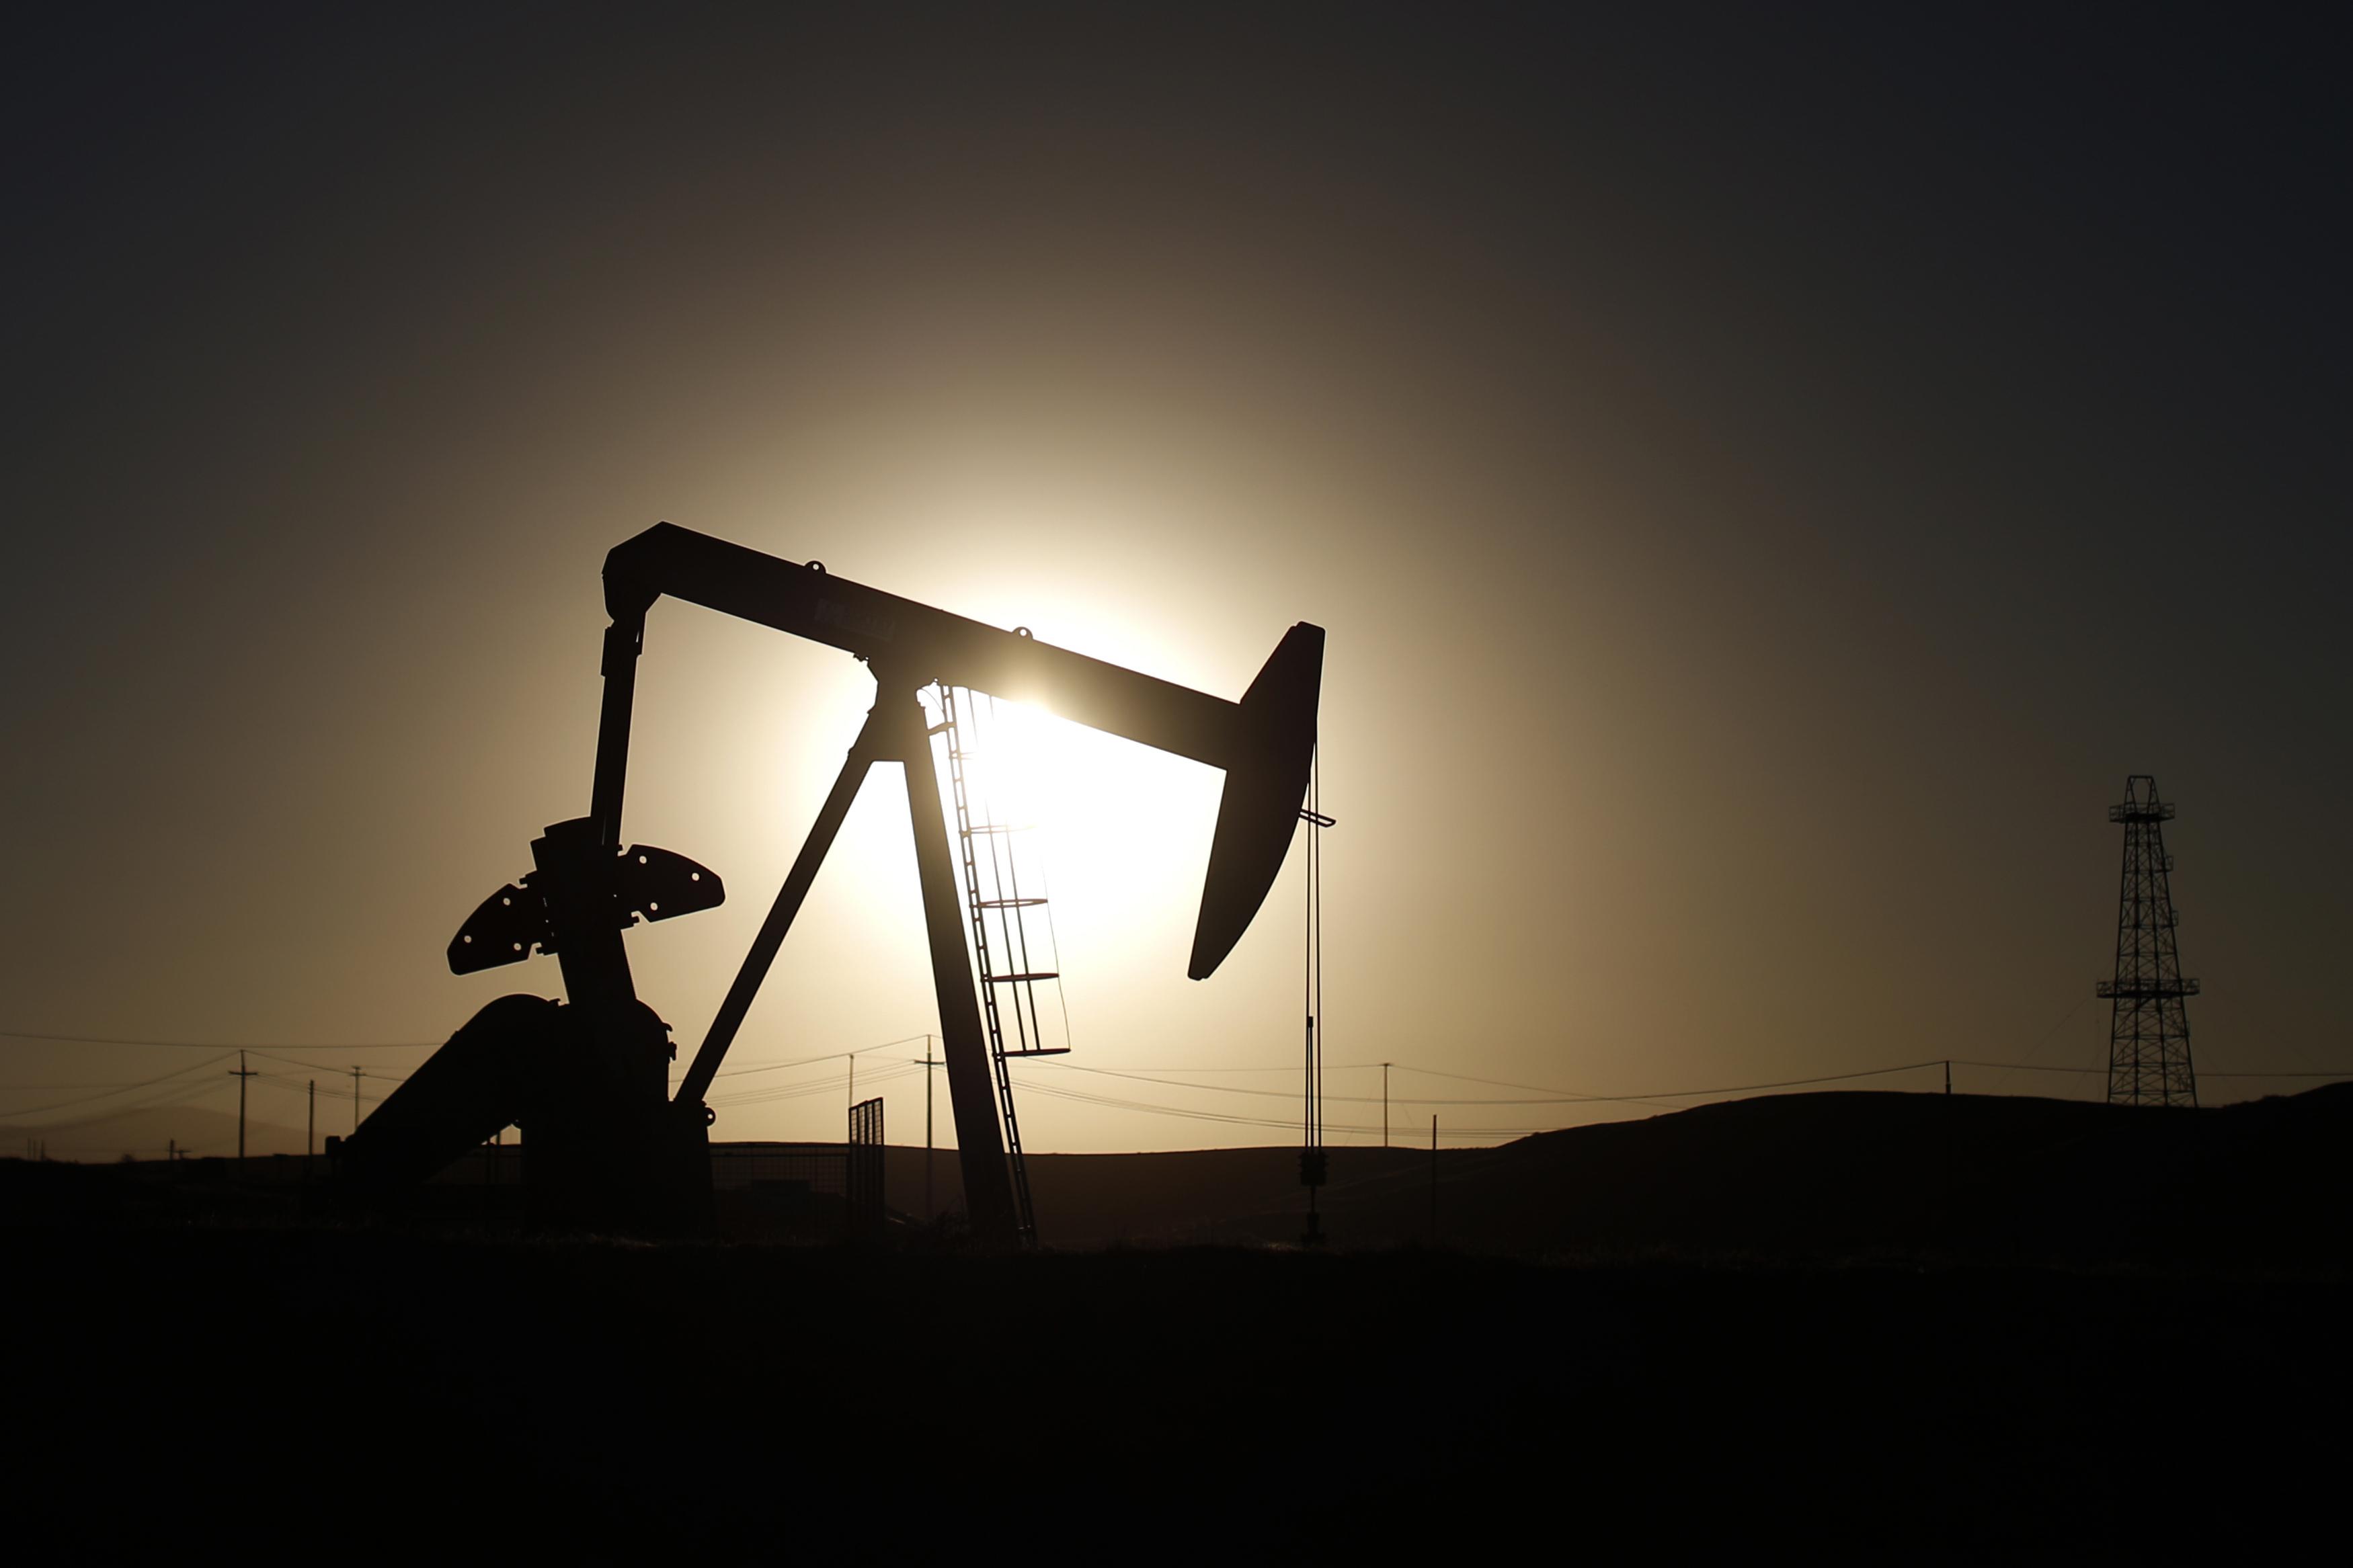 Стоимость нефти Brent упала до летних кризисных значений